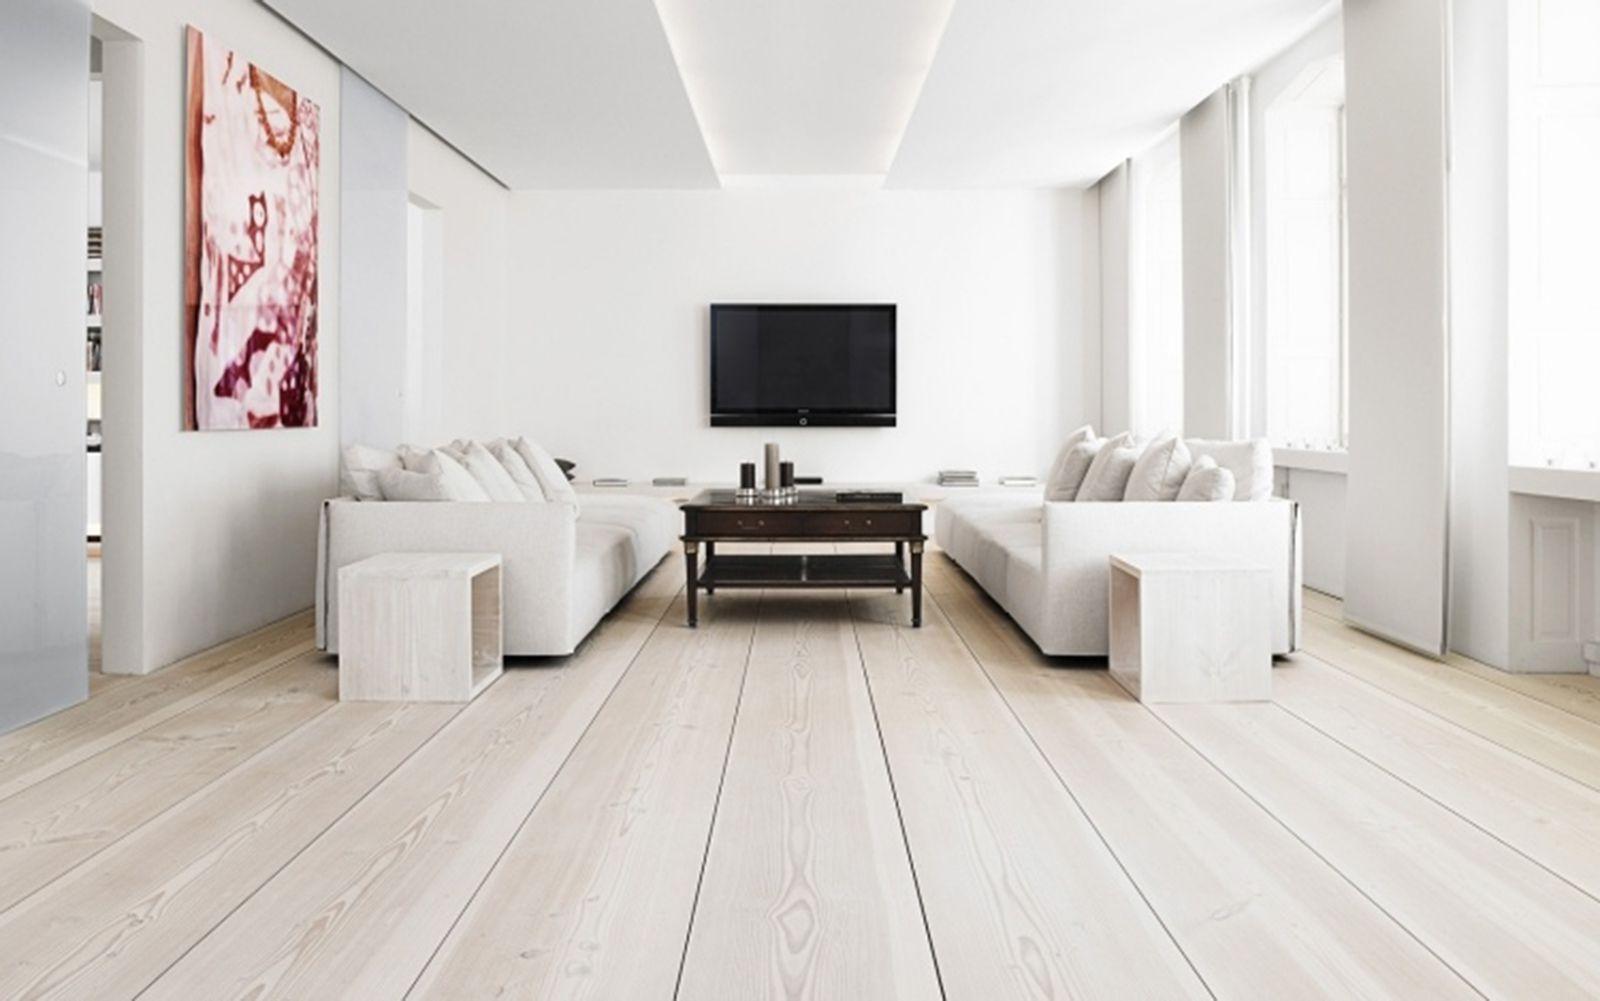 Bois Massif Blanchi Salon Blanc Sym Trique Architecture  # Salon Blanc Et Chene Blanchi